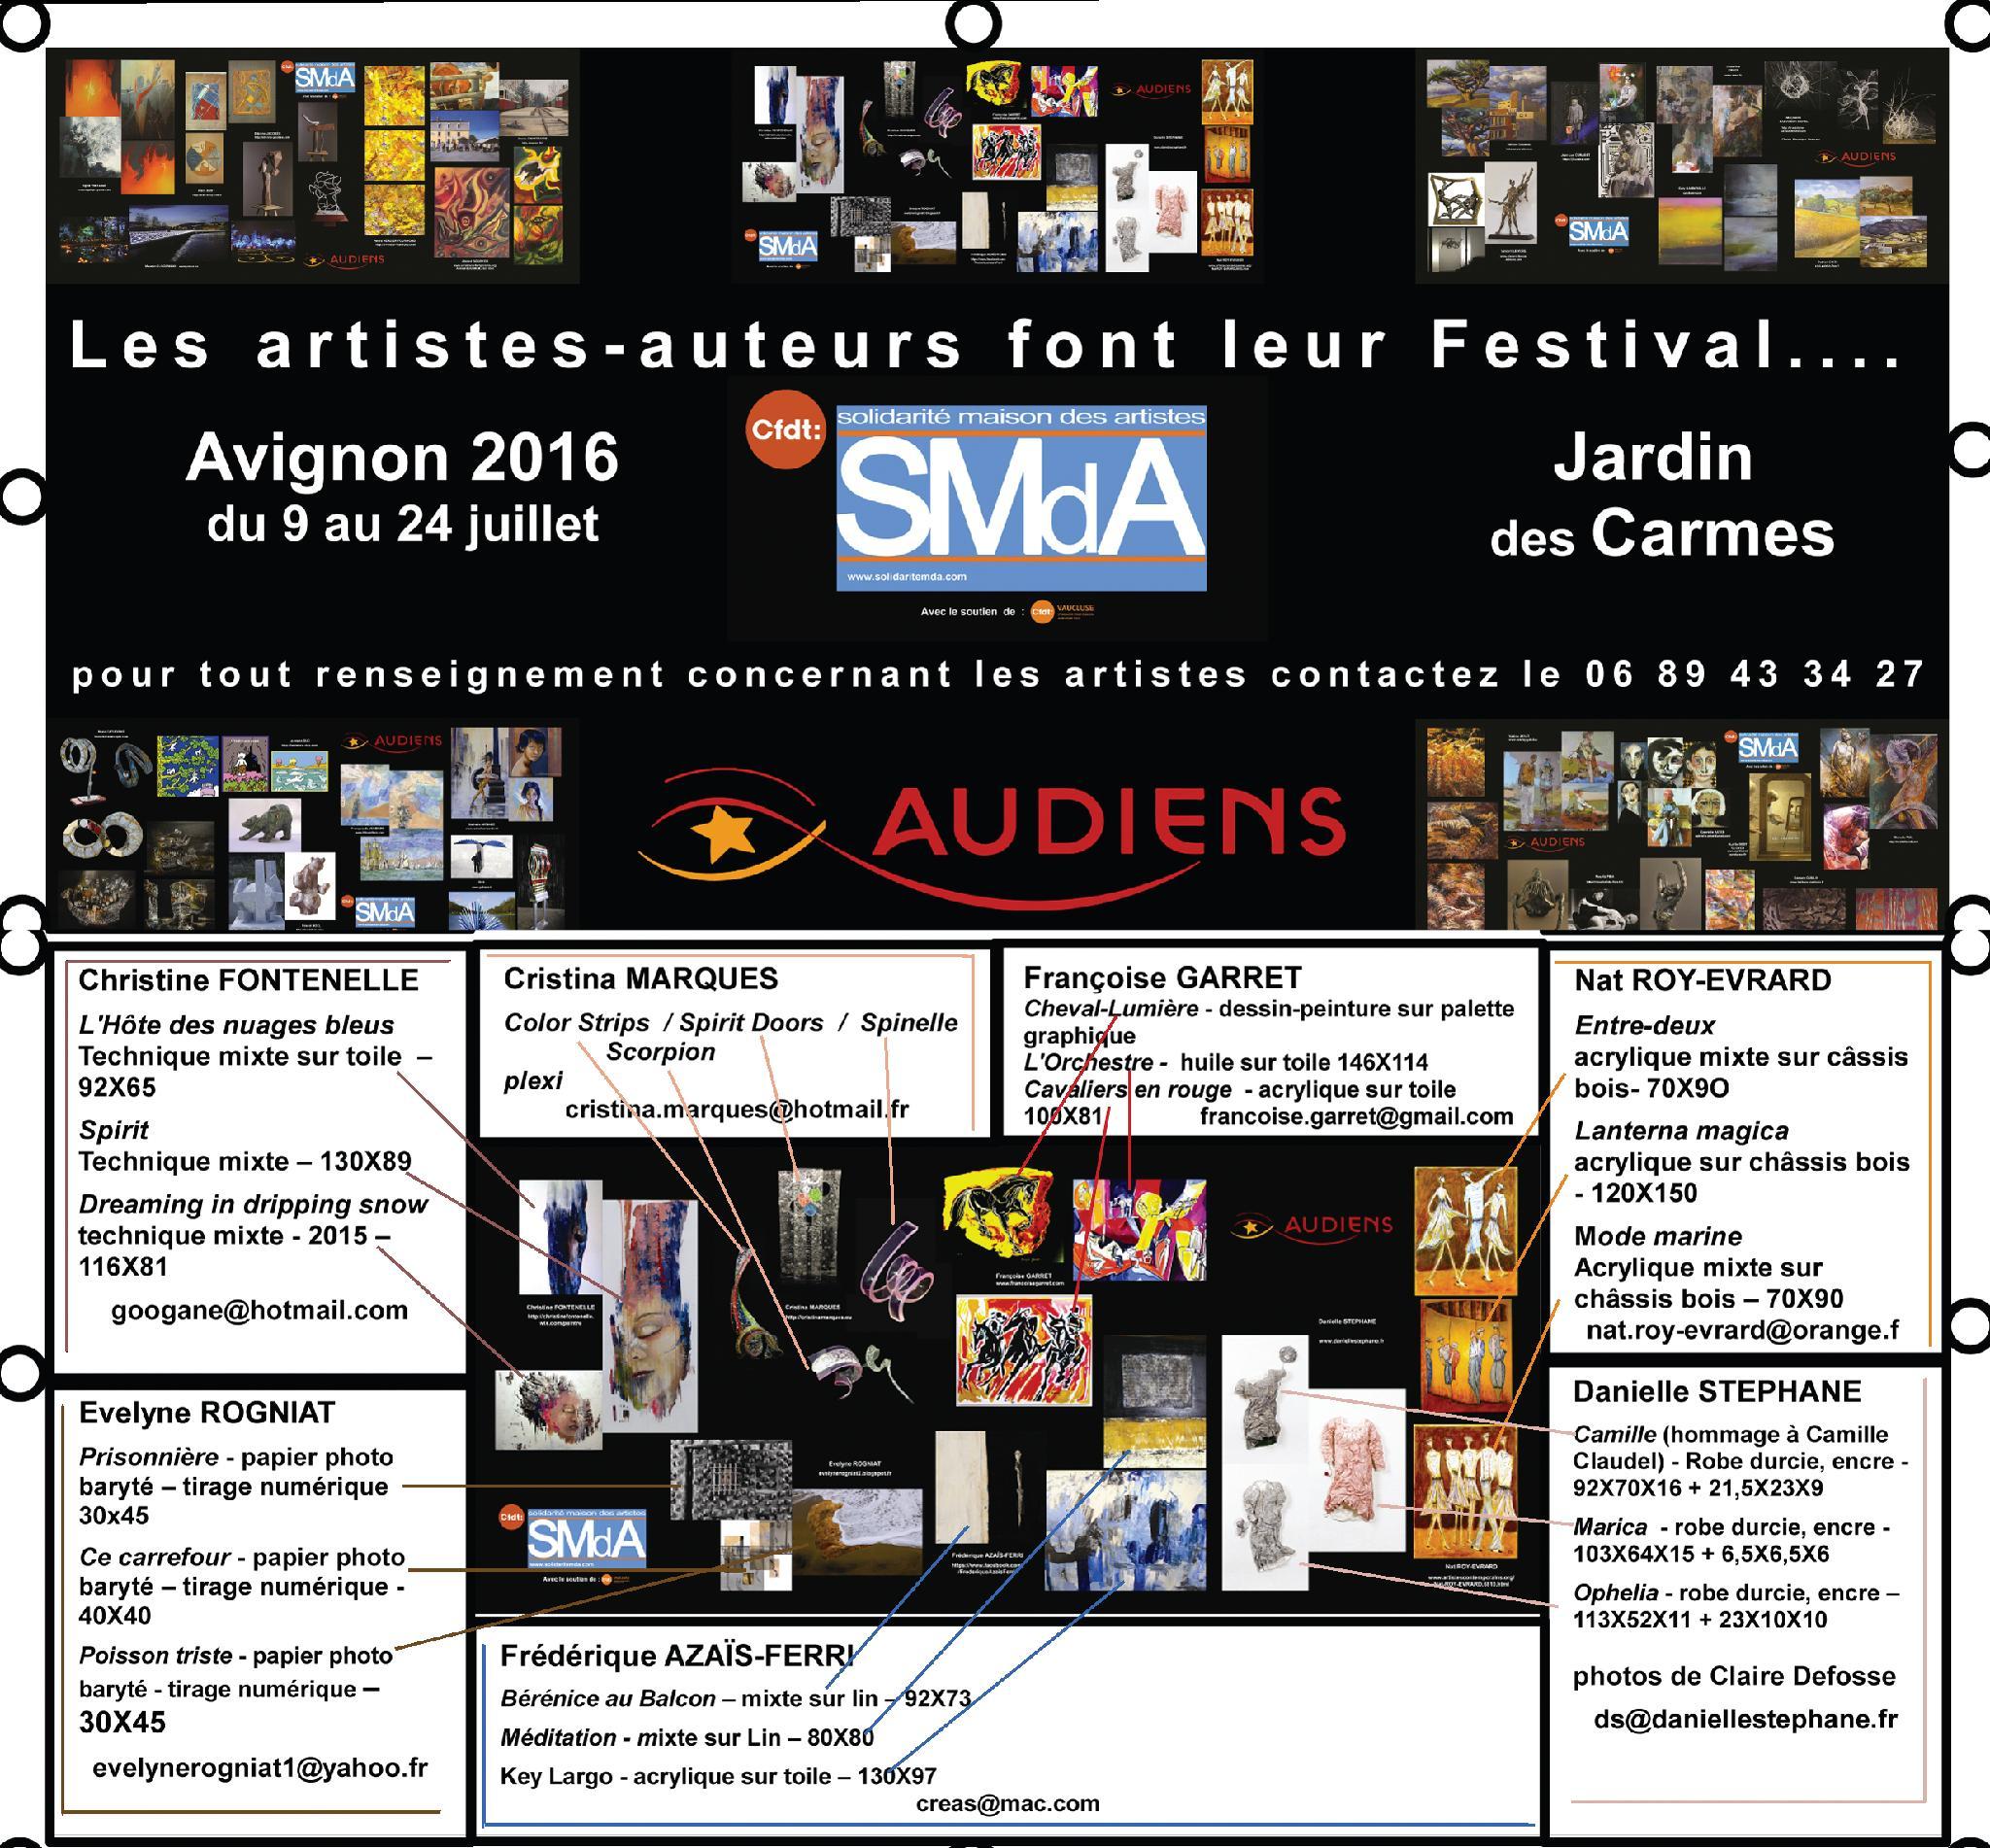 BACHE 2 - Les artistes-auteurs SMdA font...